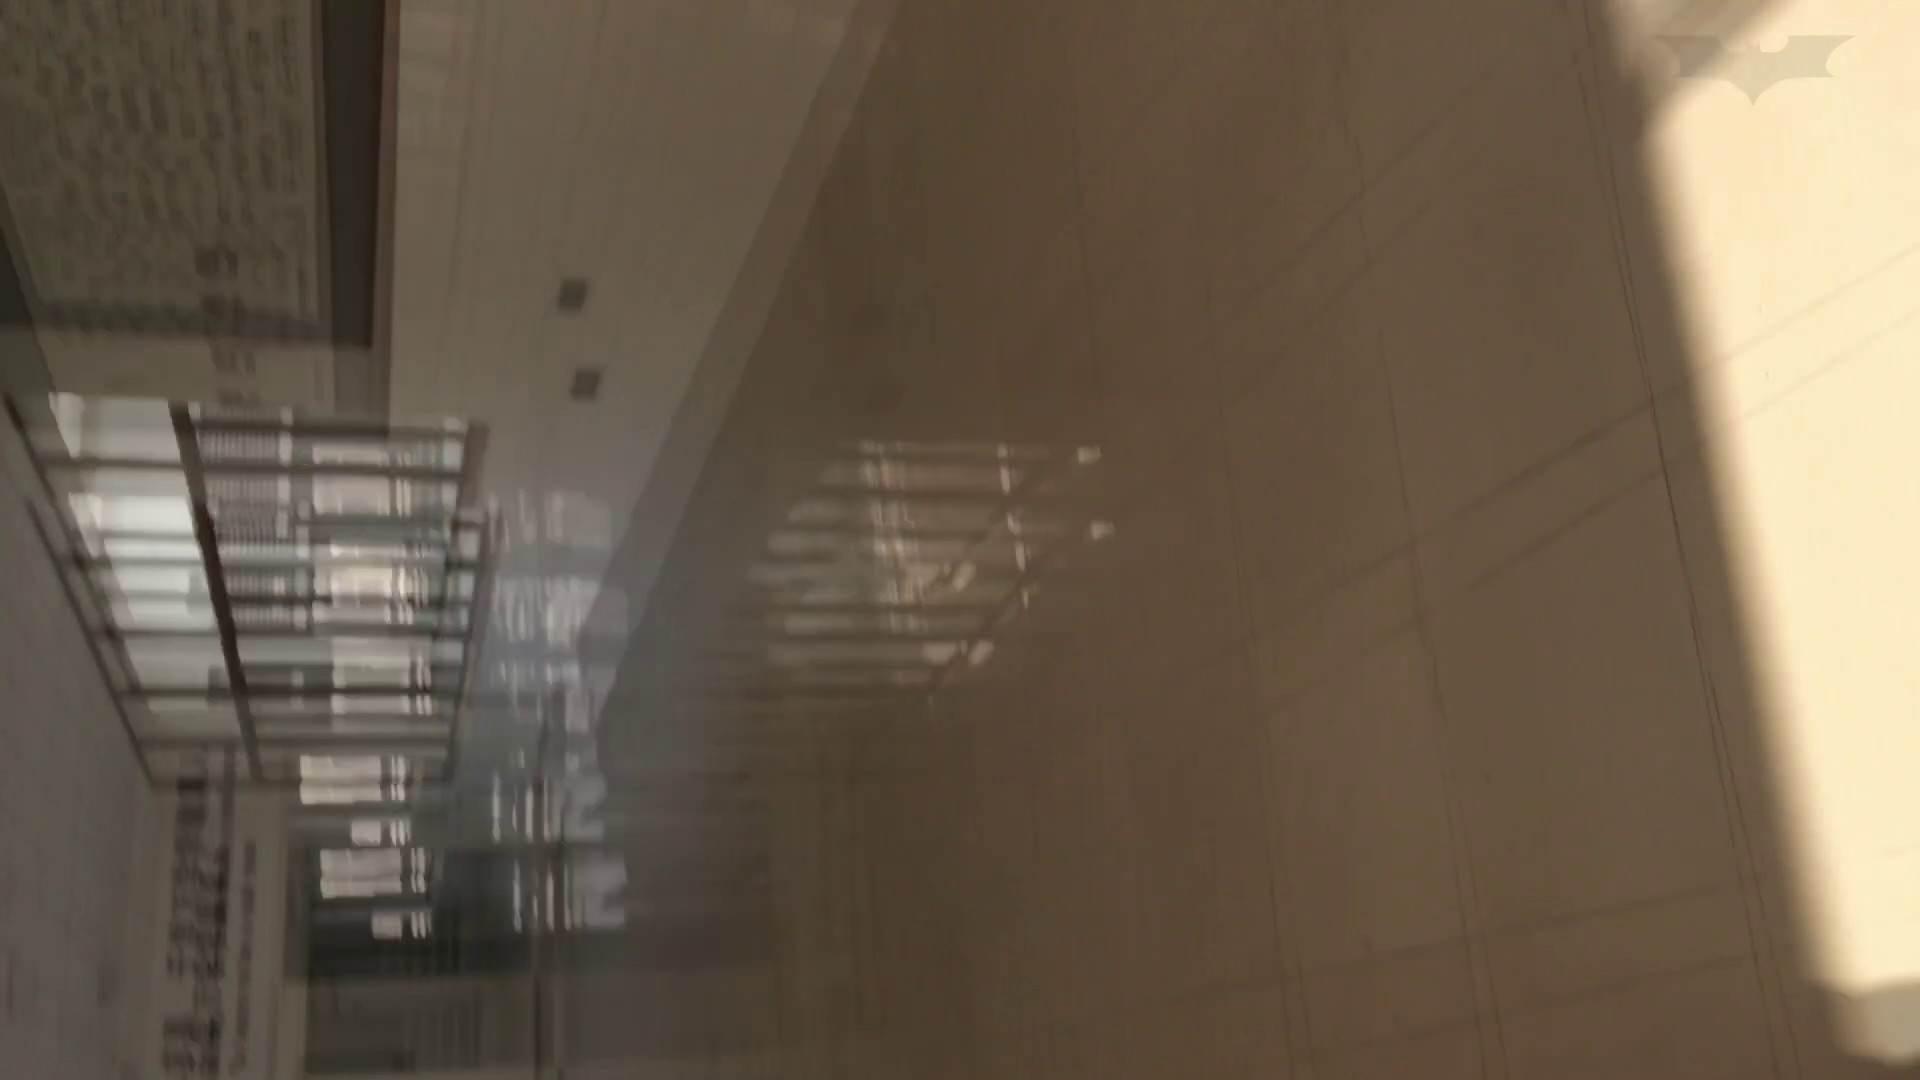 芸術大学ガチ潜入盗撮 JD盗撮 美女の洗面所の秘密 Vol.91 盗撮 | 高画質  97画像 21